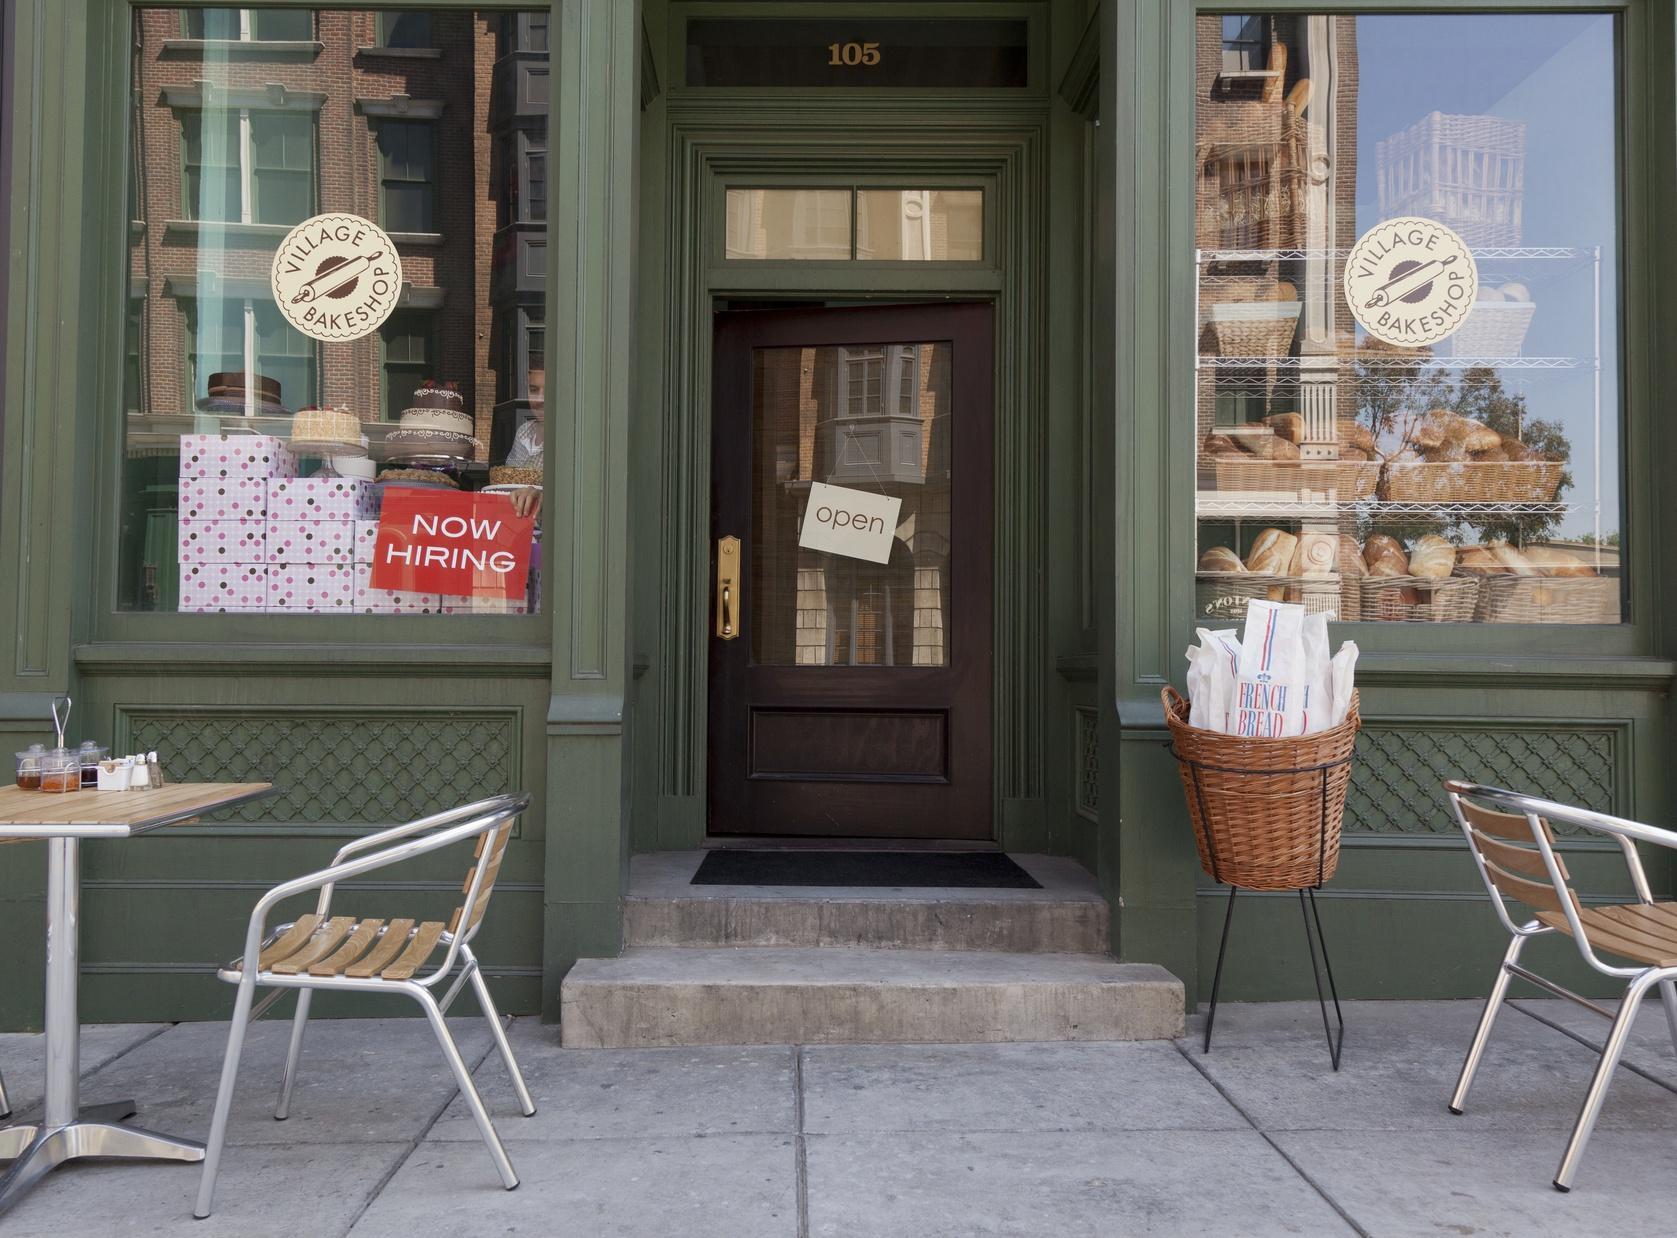 Storefront door and window display